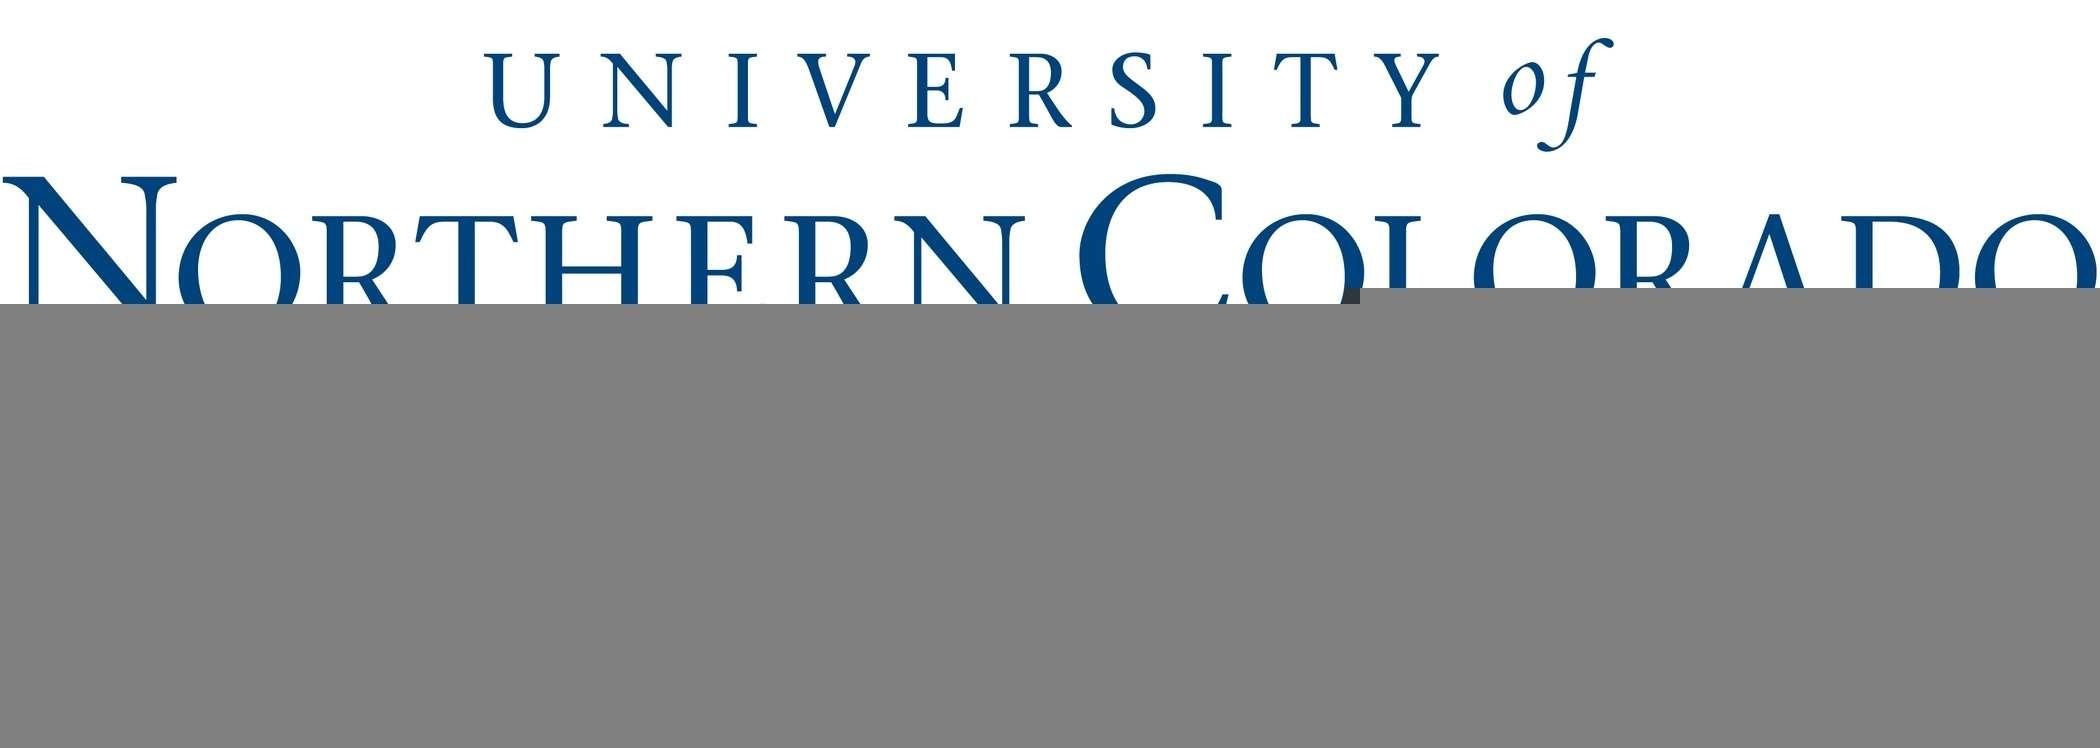 UNC-University-of-Northern-Colorado-Logo